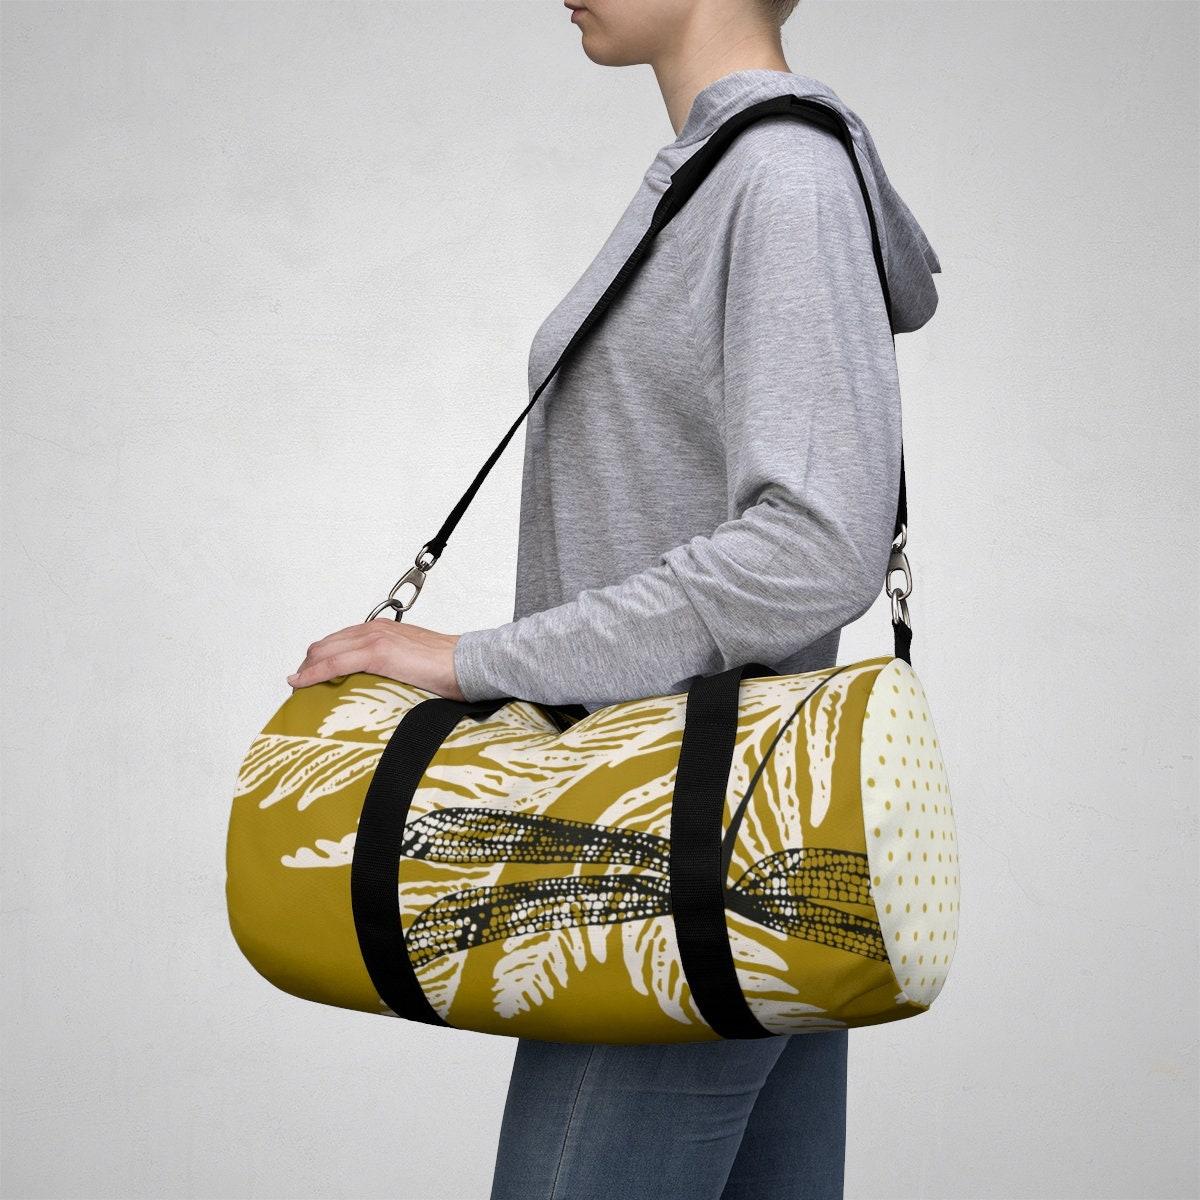 Women Duffle Bags Gym Bags Canvas Bag Women Weekender Bags  1465ee1ad